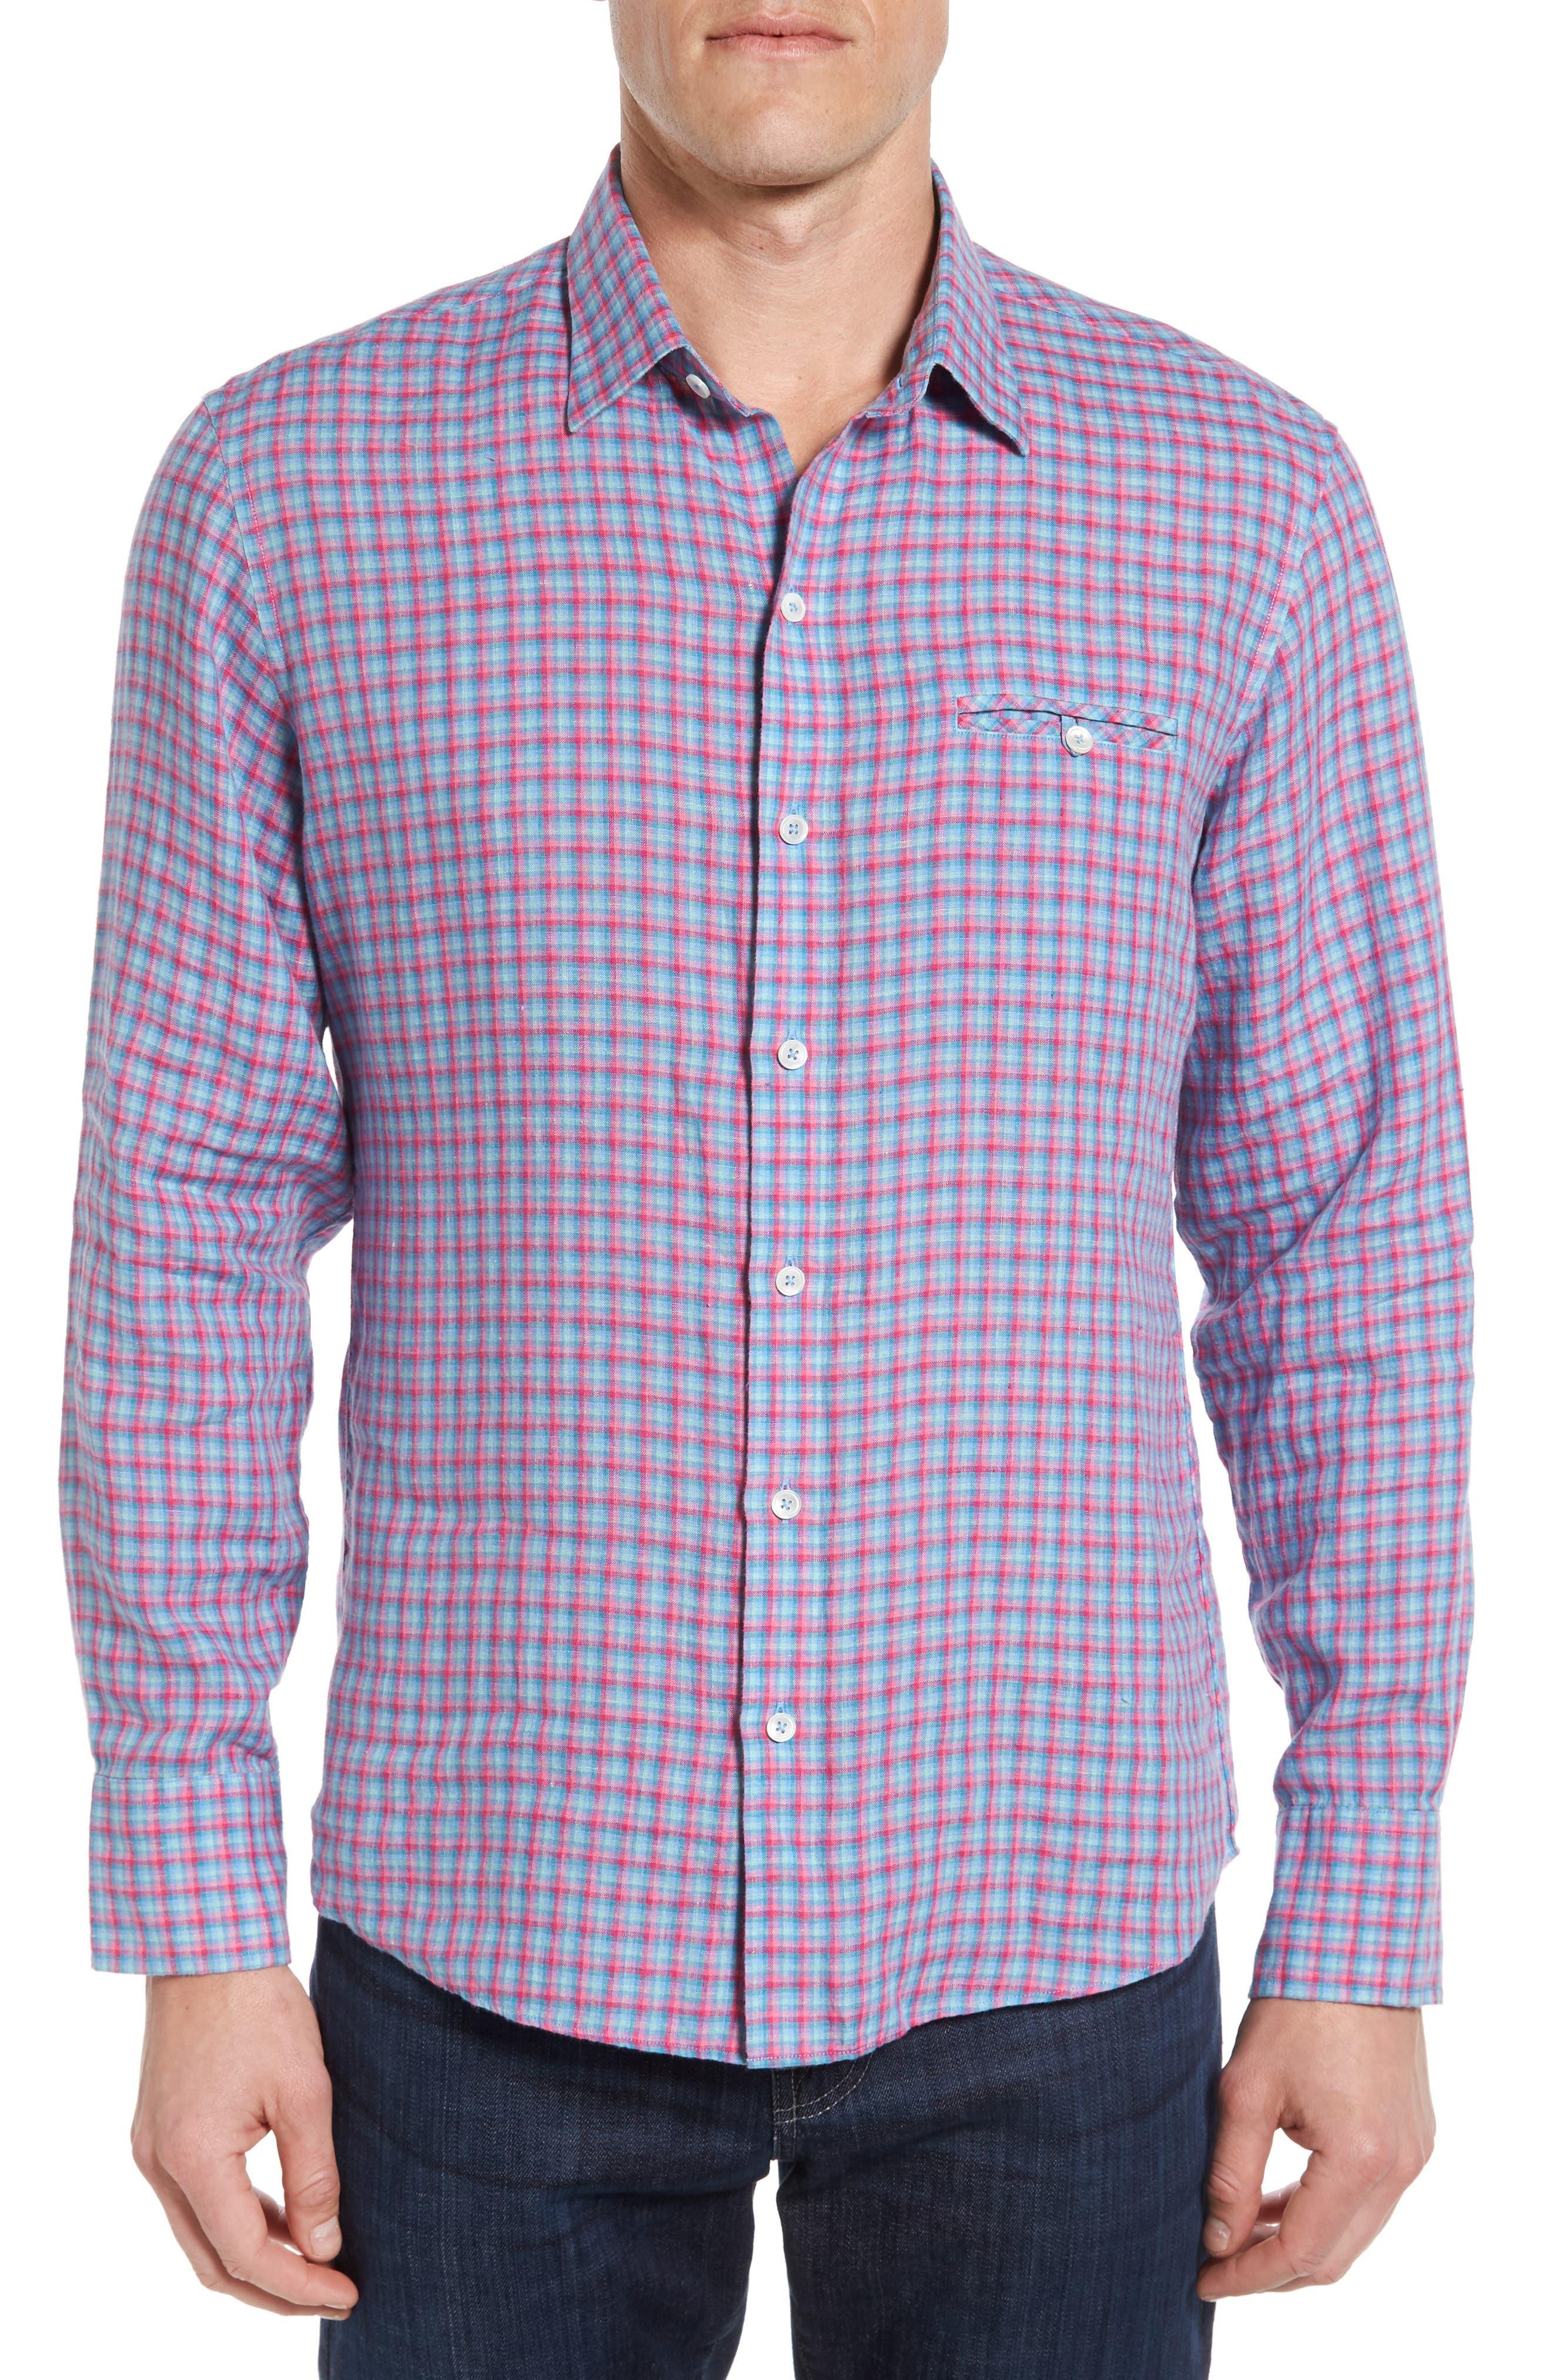 Althoff Plaid Linen Sport Shirt,                         Main,                         color, PINK